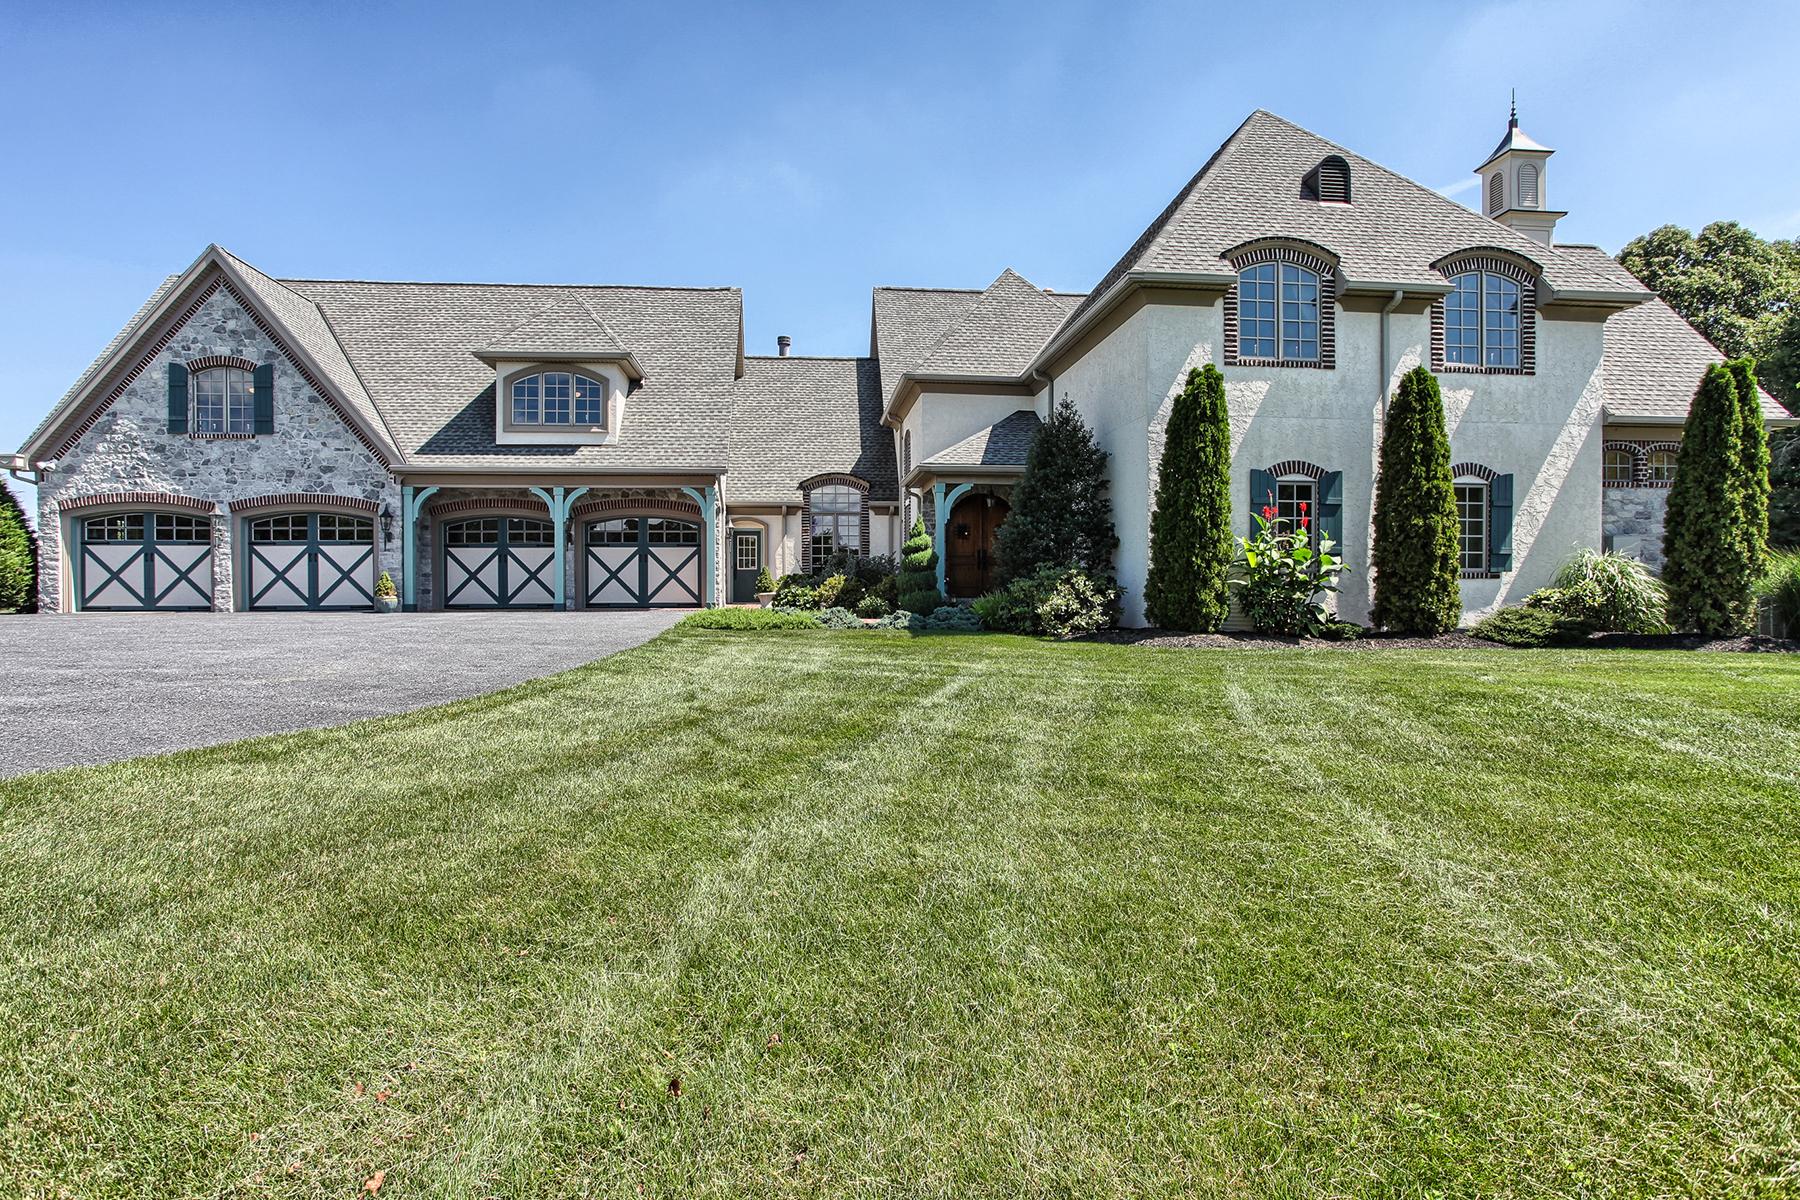 Single Family Home for Sale at 1383 AV Acri 1383 AV Acri Road Harrisburg, Pennsylvania 17112 United States